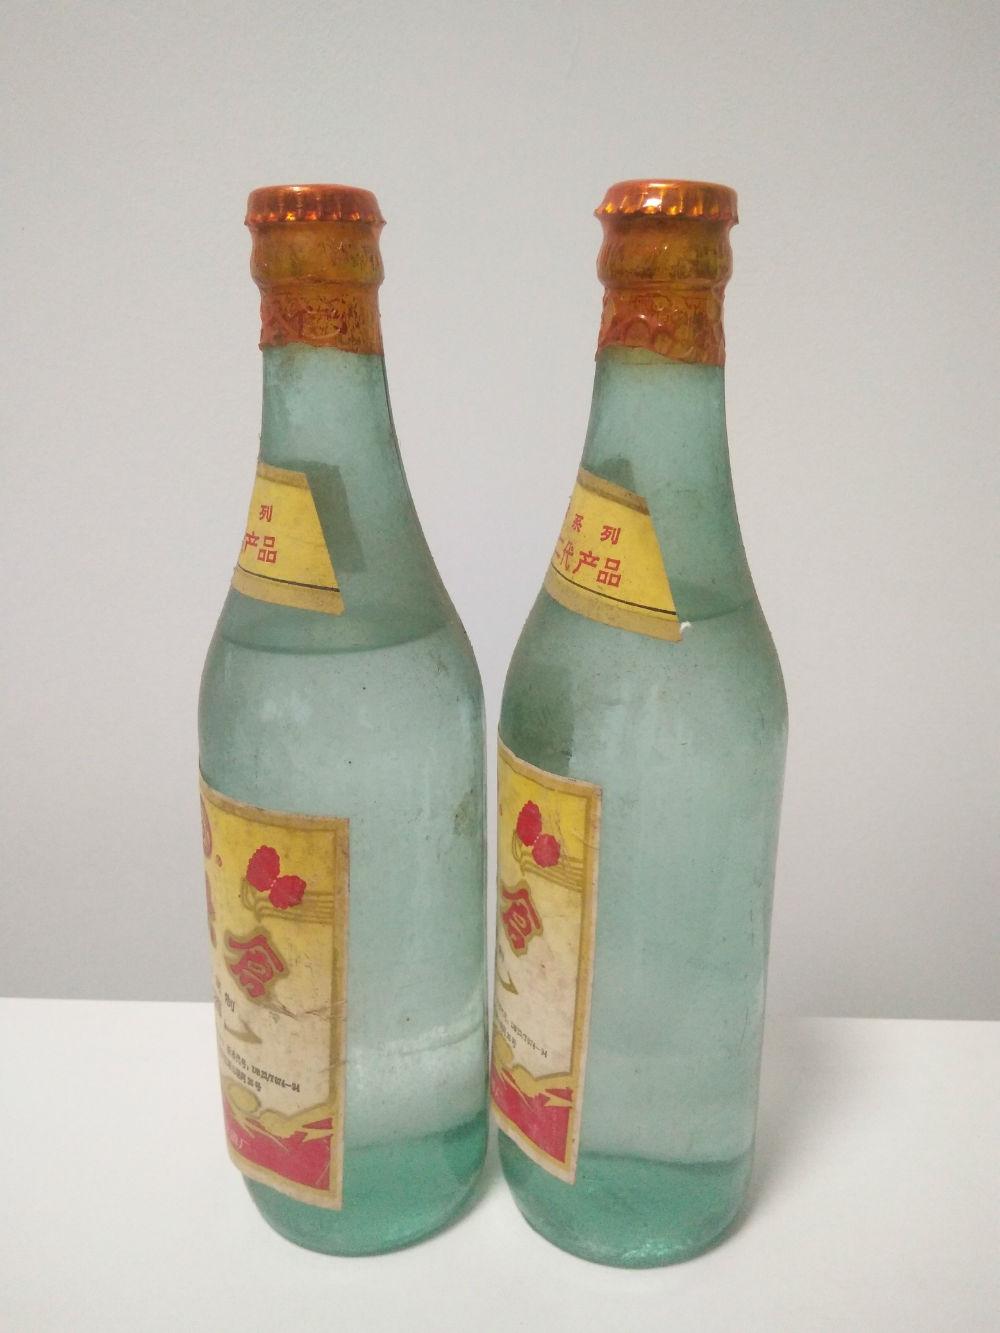 北大仓营养型复制白酒40度九十年代一对优质系列北大仓二代产品齐齐哈尔北大仓酒厂